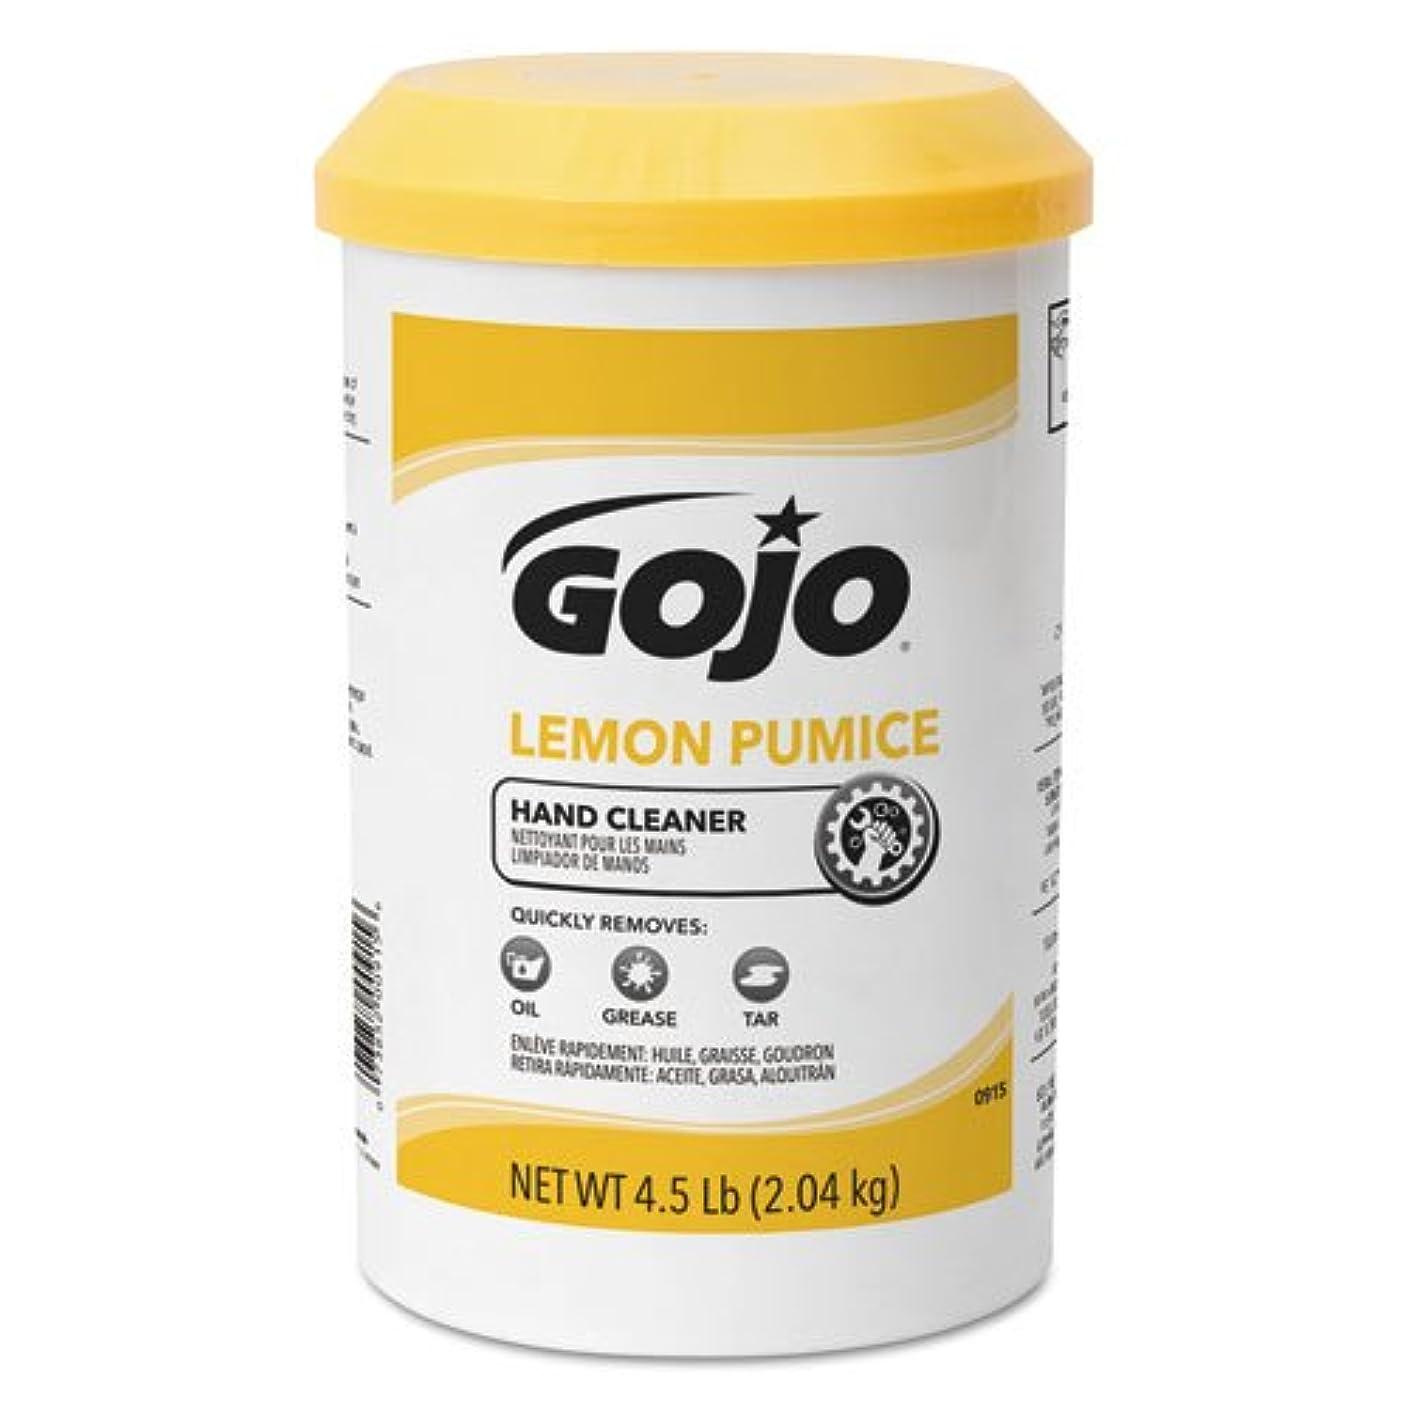 経歴地域のターゲットGojo レモンプーミス ハンドクリーナー レモンの香り 4.5ポンド GOJ0915